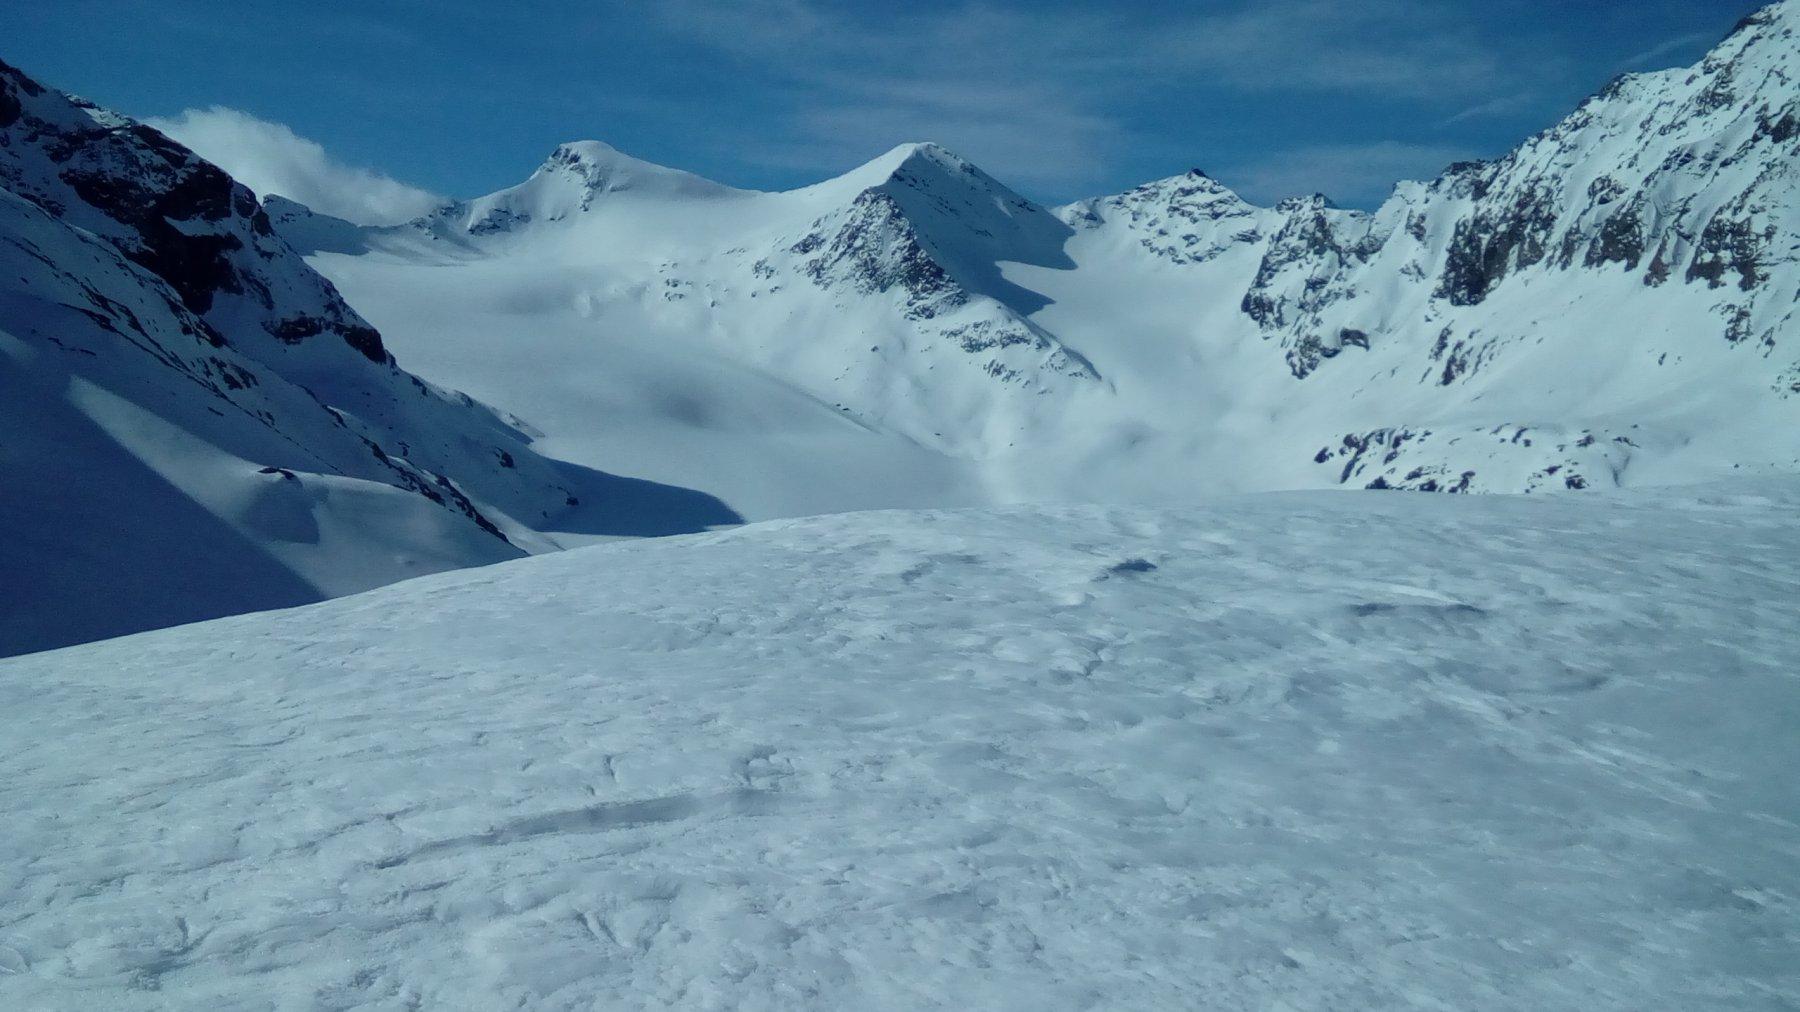 Il ghiacciaio della Croce Rossa